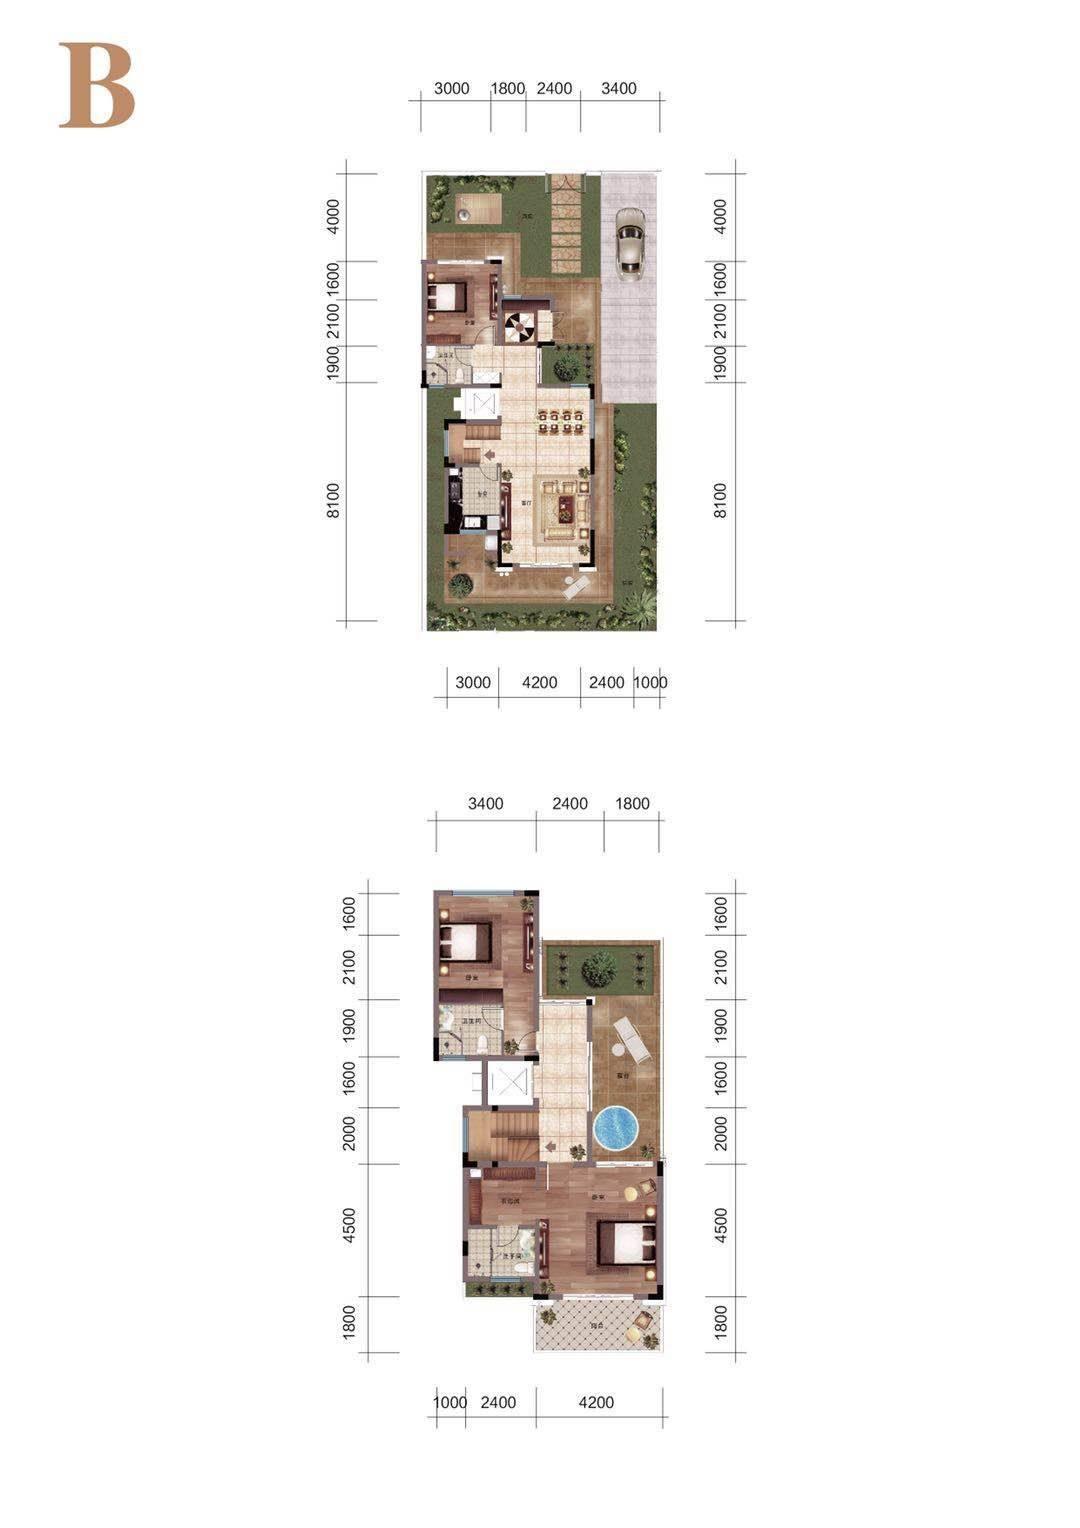 怡海湾B户型 建筑面积143㎡ 3室2厅3卫